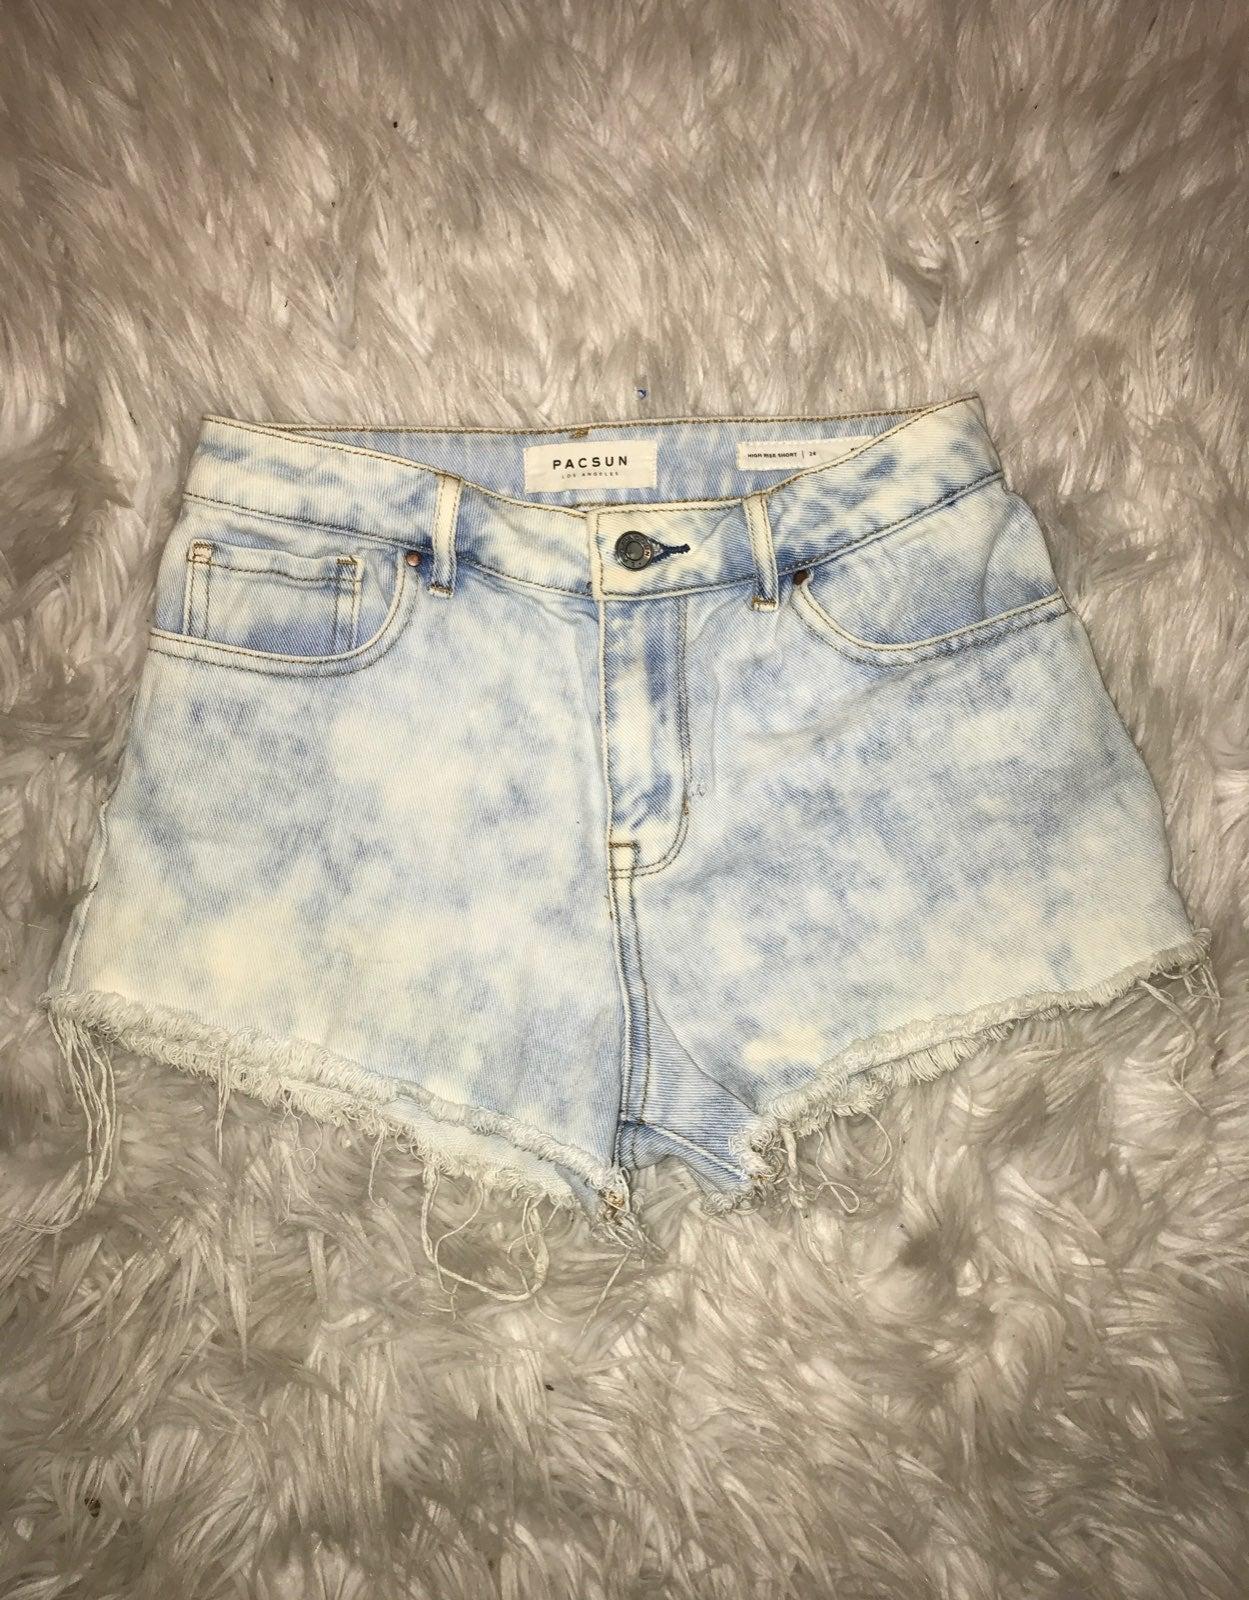 Pacsun Light Wash Jean Shorts